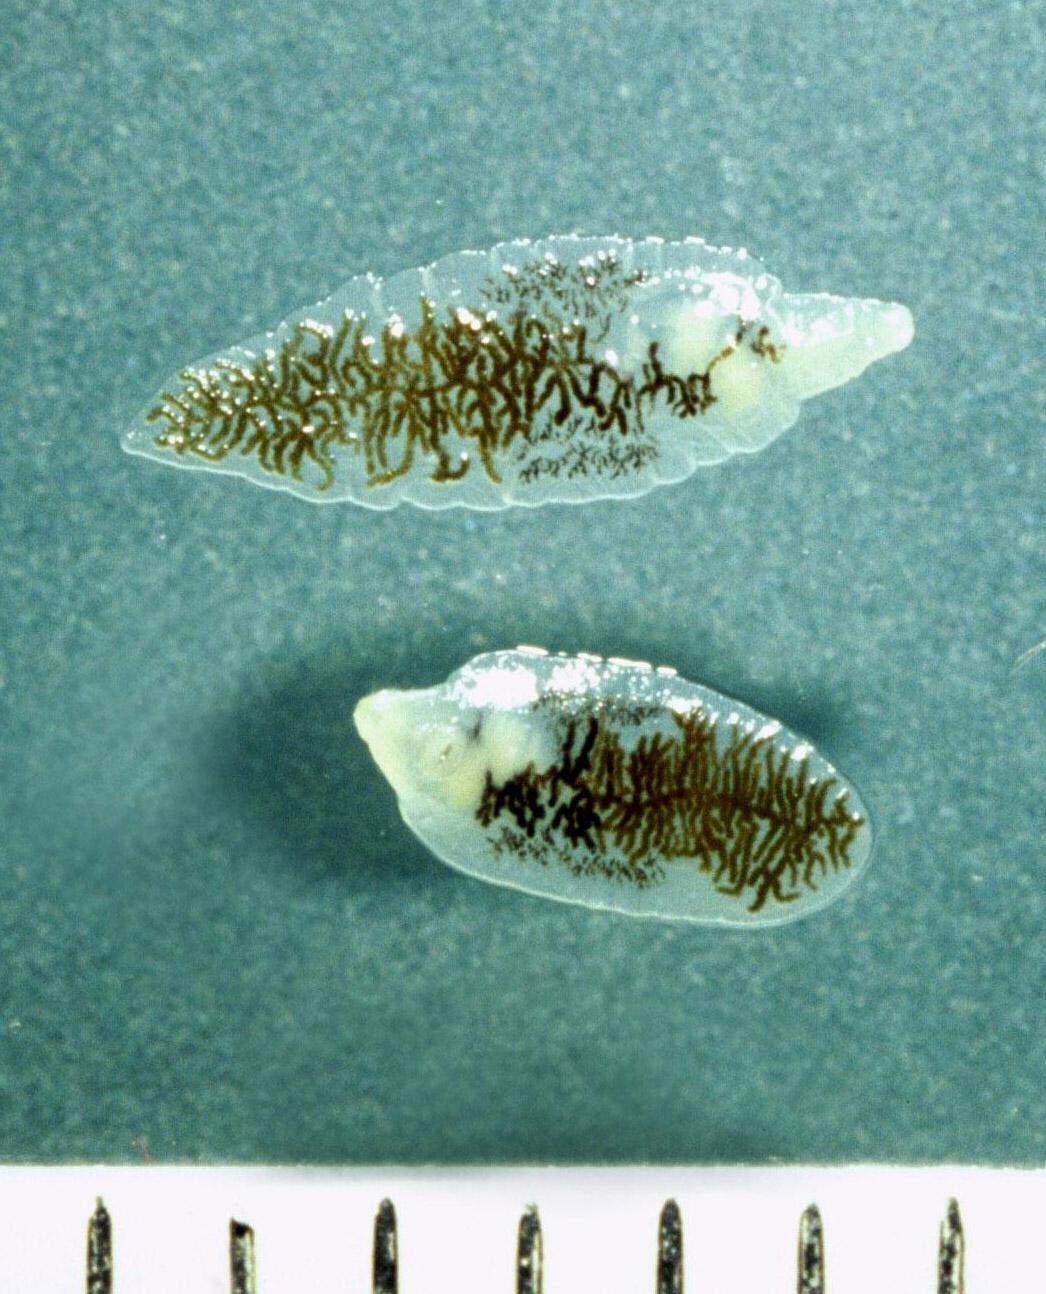 Enterobiosis honnan származik, Pinworm: tünetek és kezelés